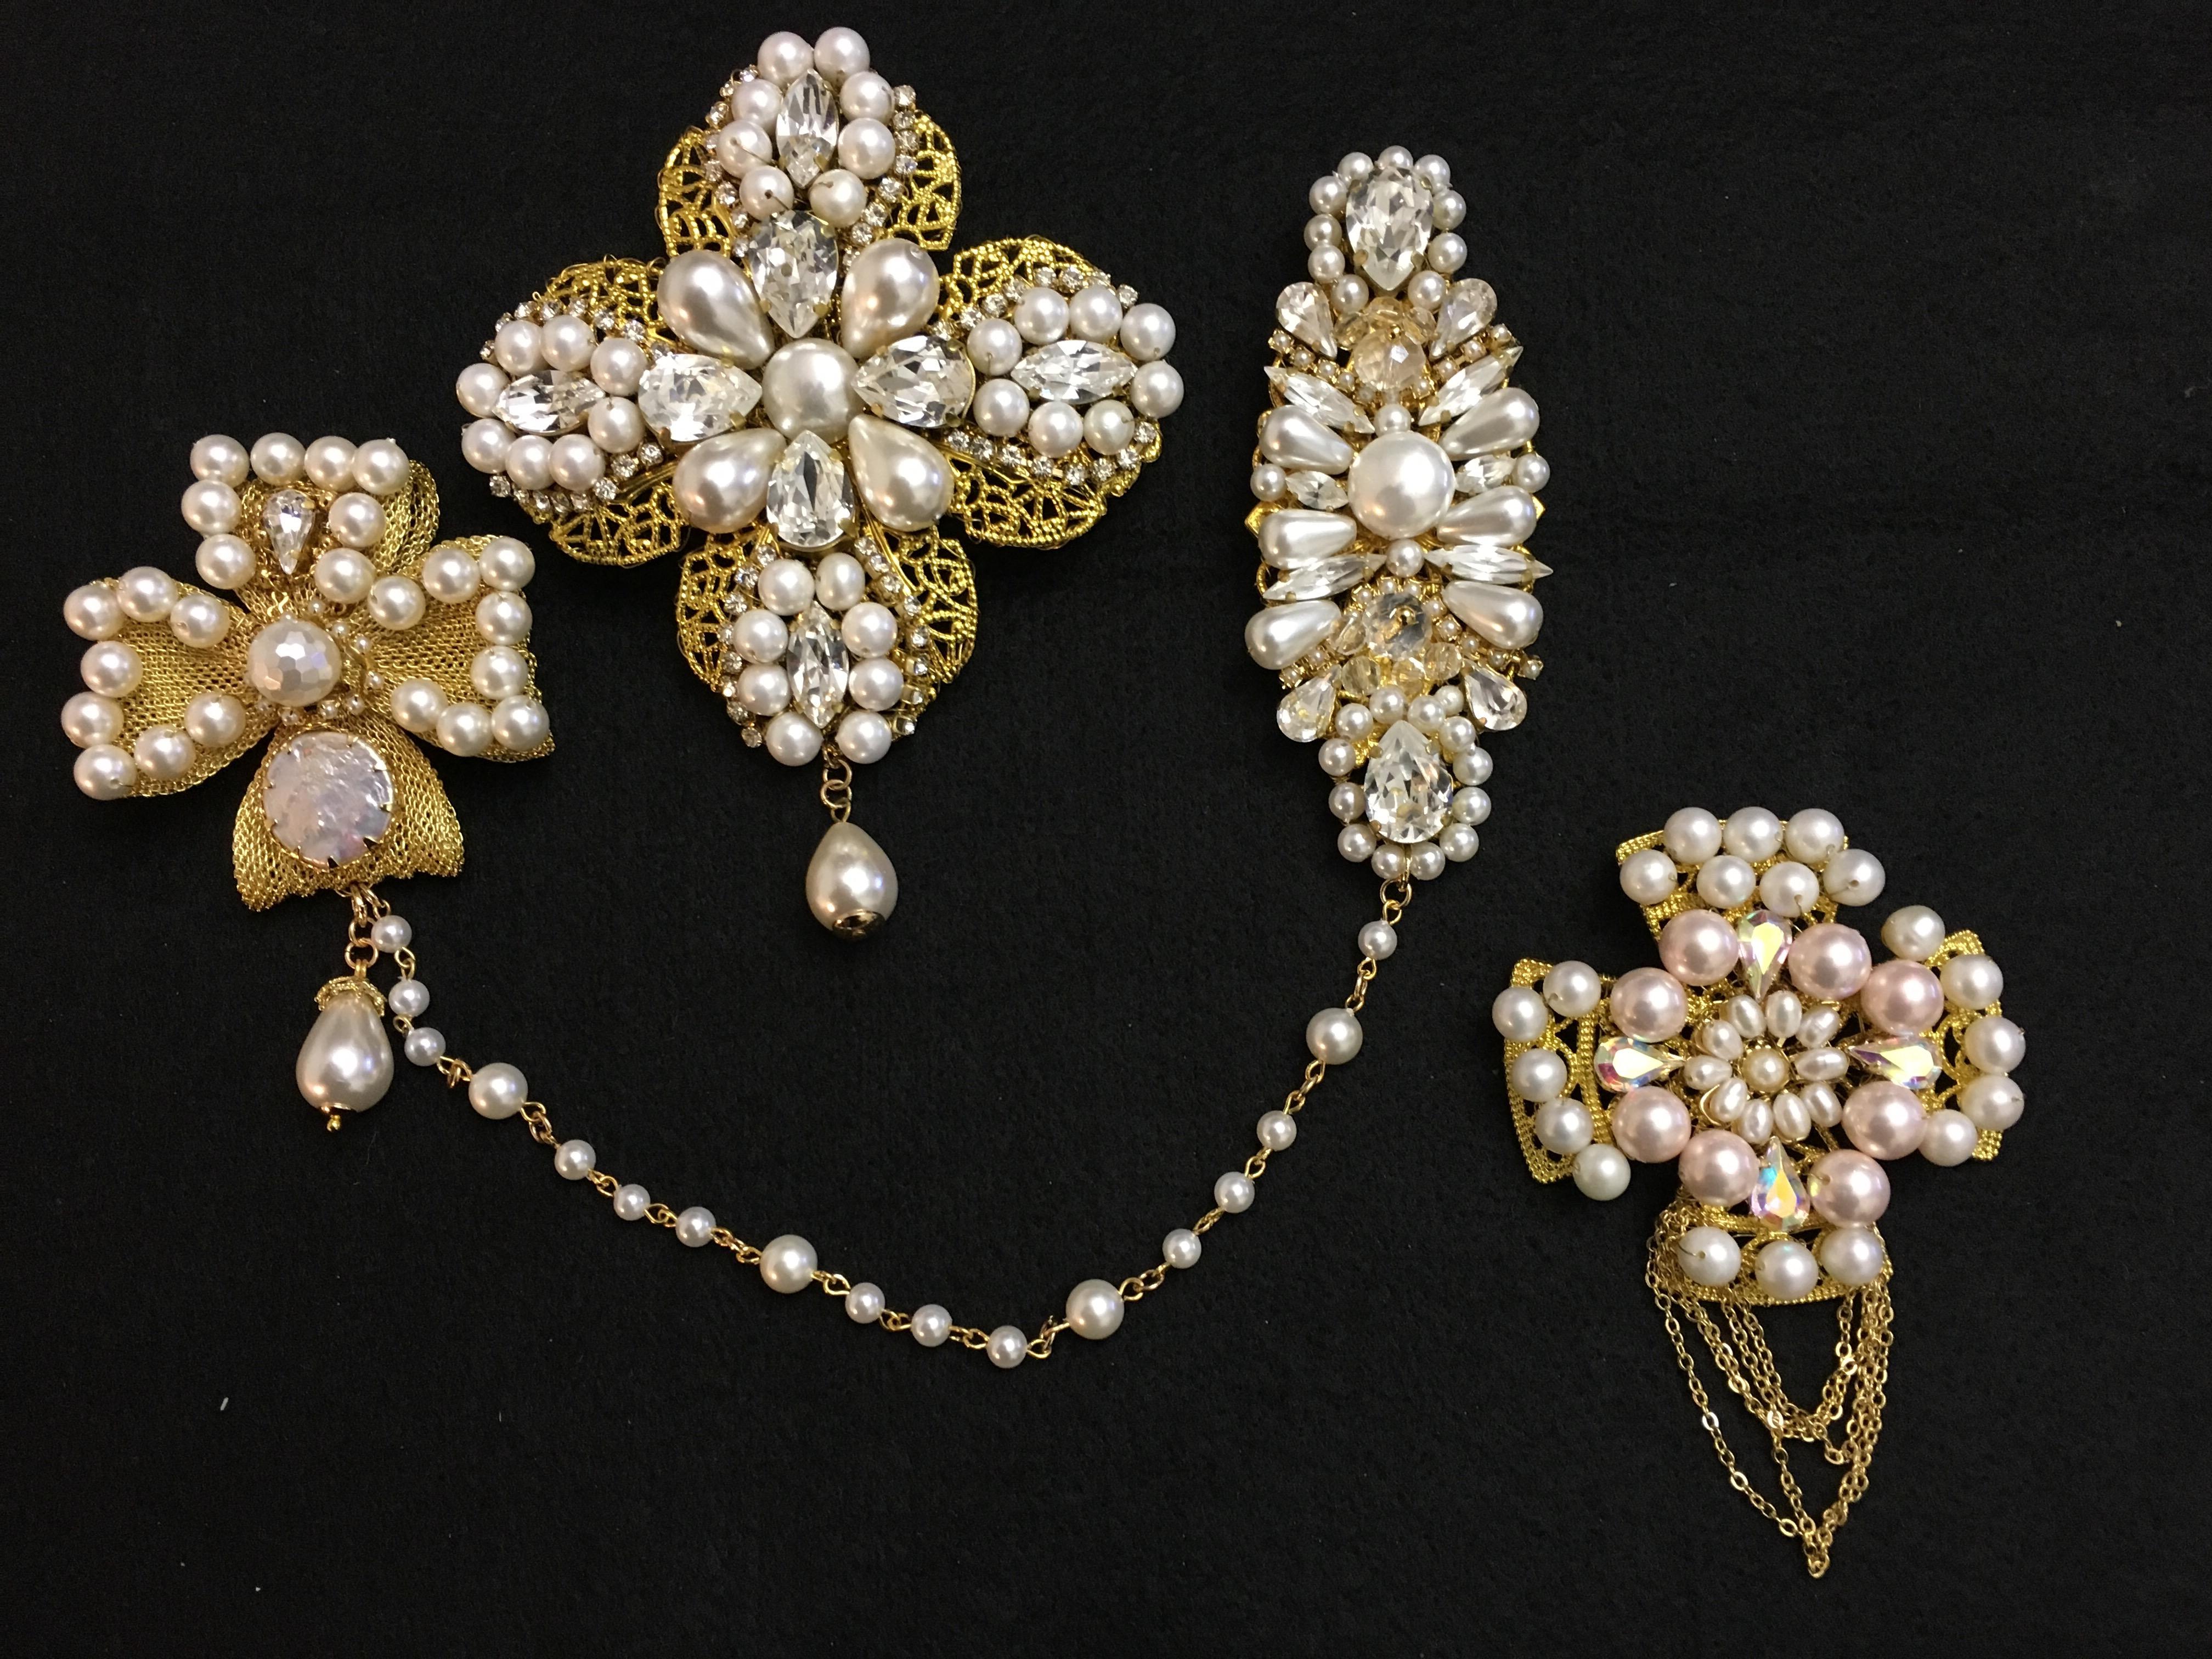 Осенние украшения: как и с чем носить